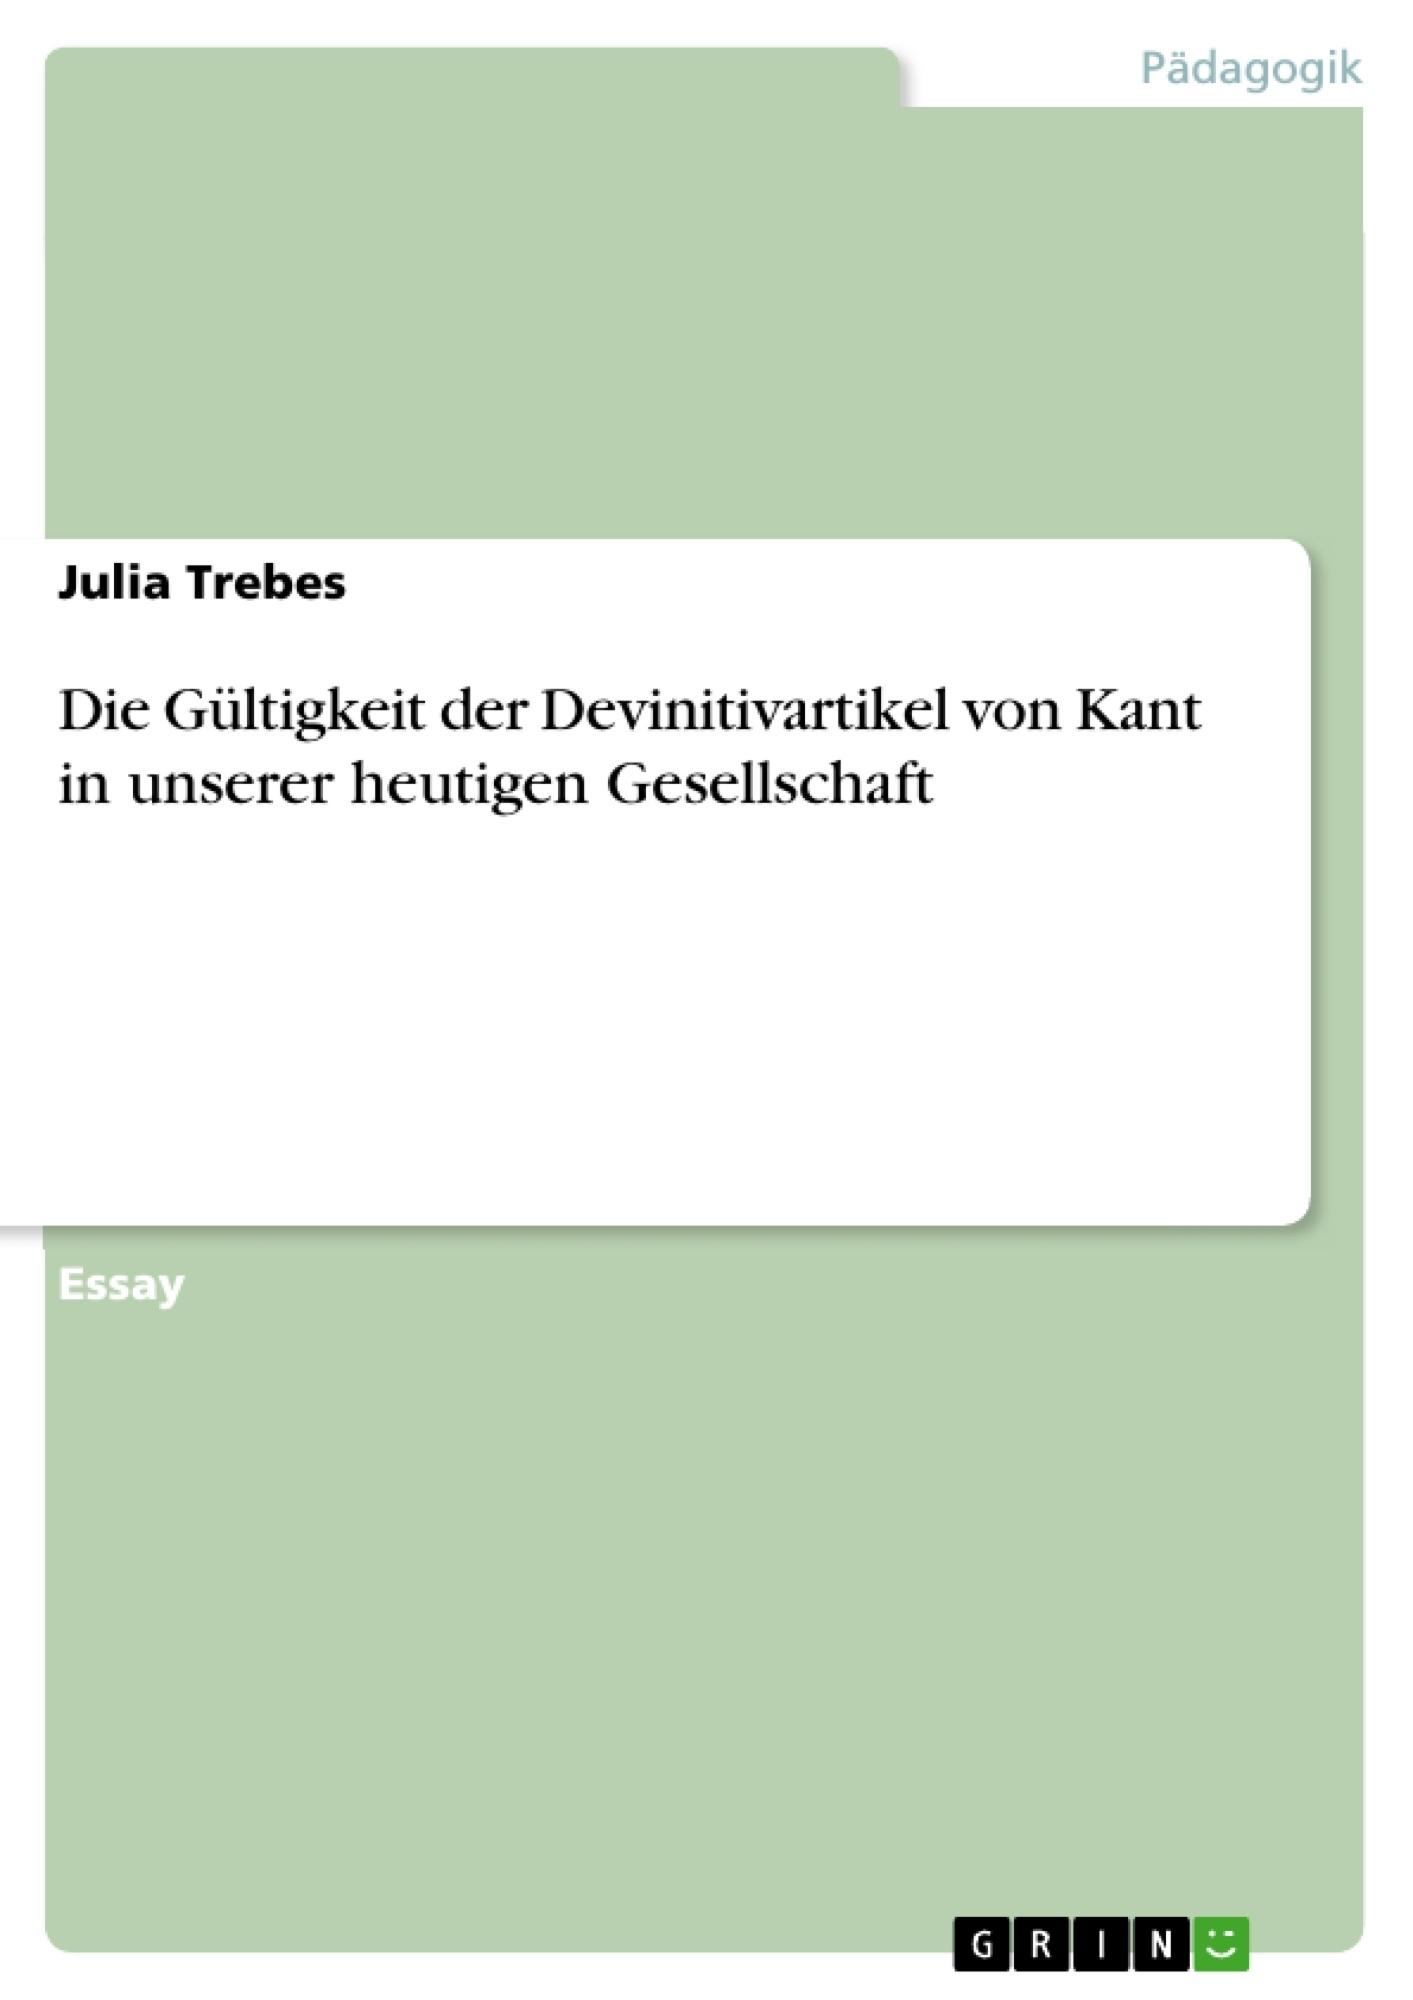 Titel: Die Gültigkeit der Devinitivartikel von Kant in unserer heutigen Gesellschaft